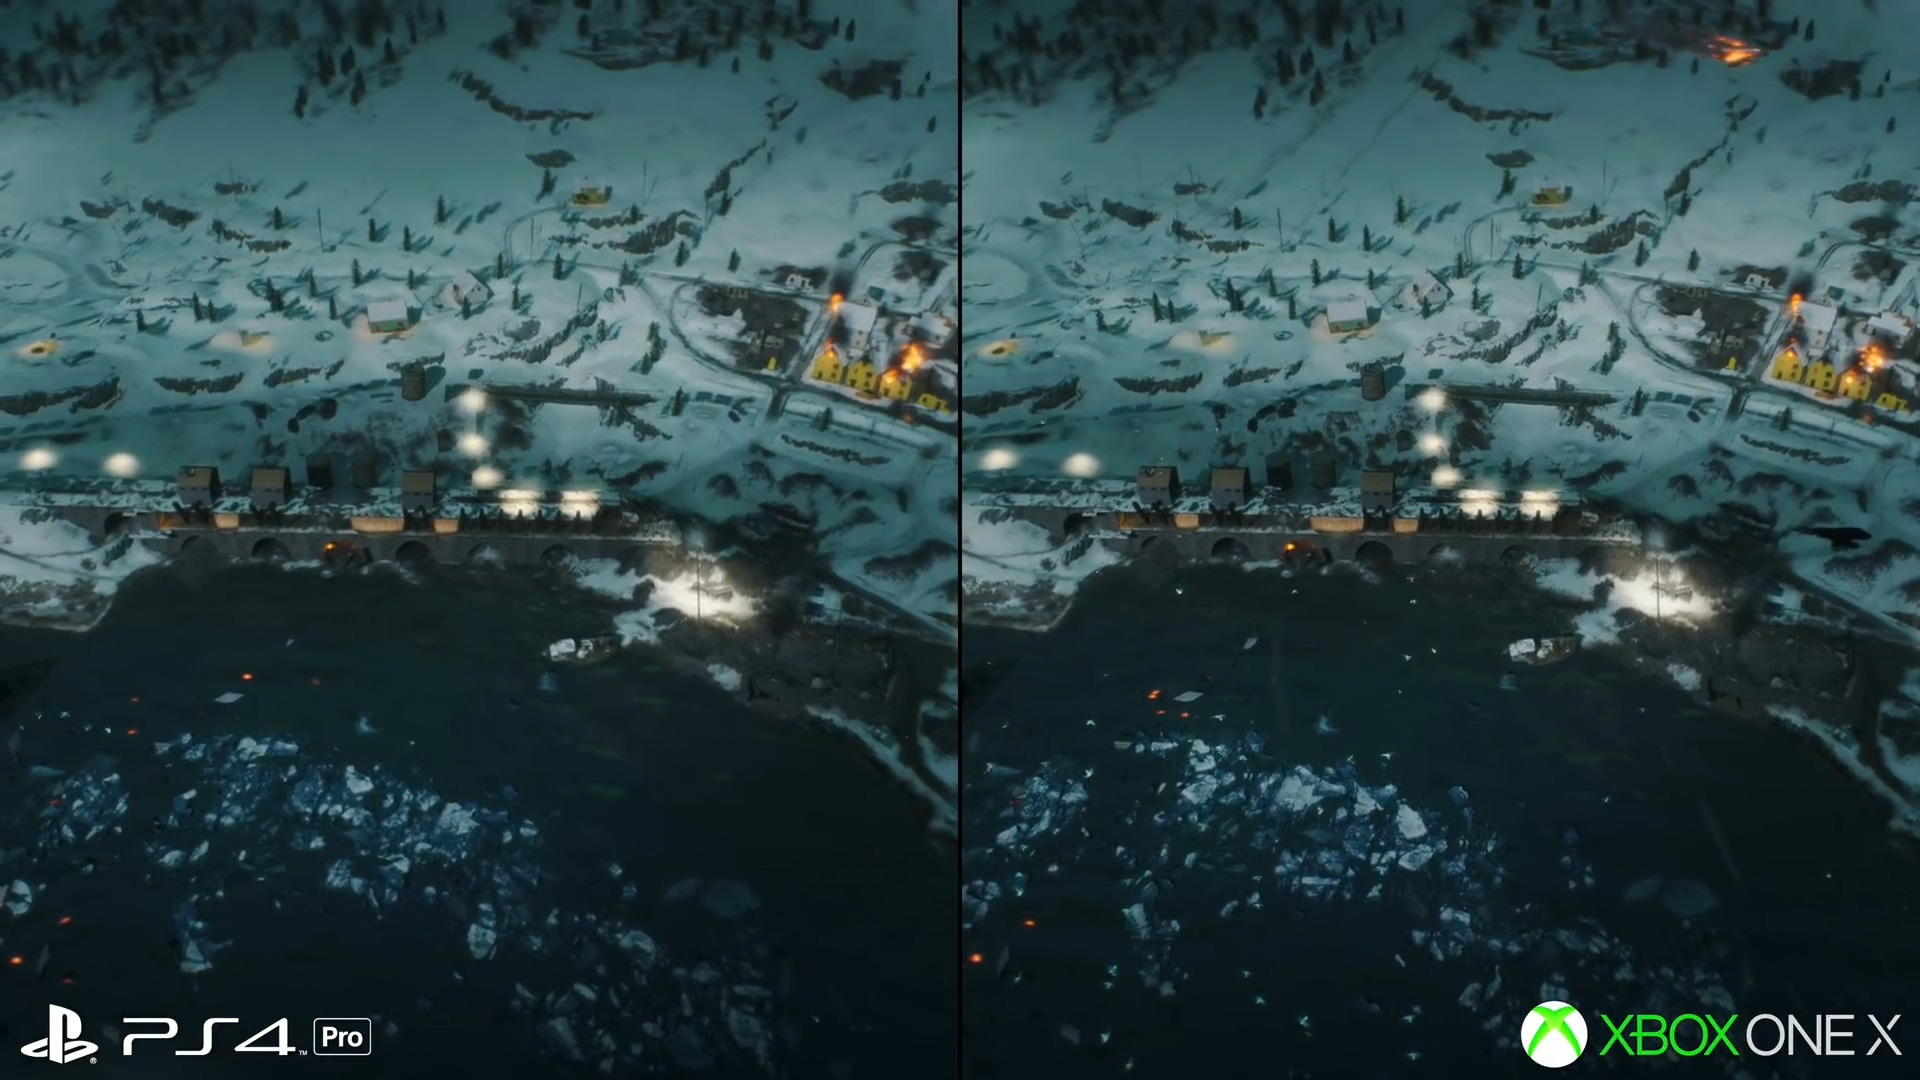 《战地5》BETA:PS4 Pro和Xbox One X分辨率、帧数解析